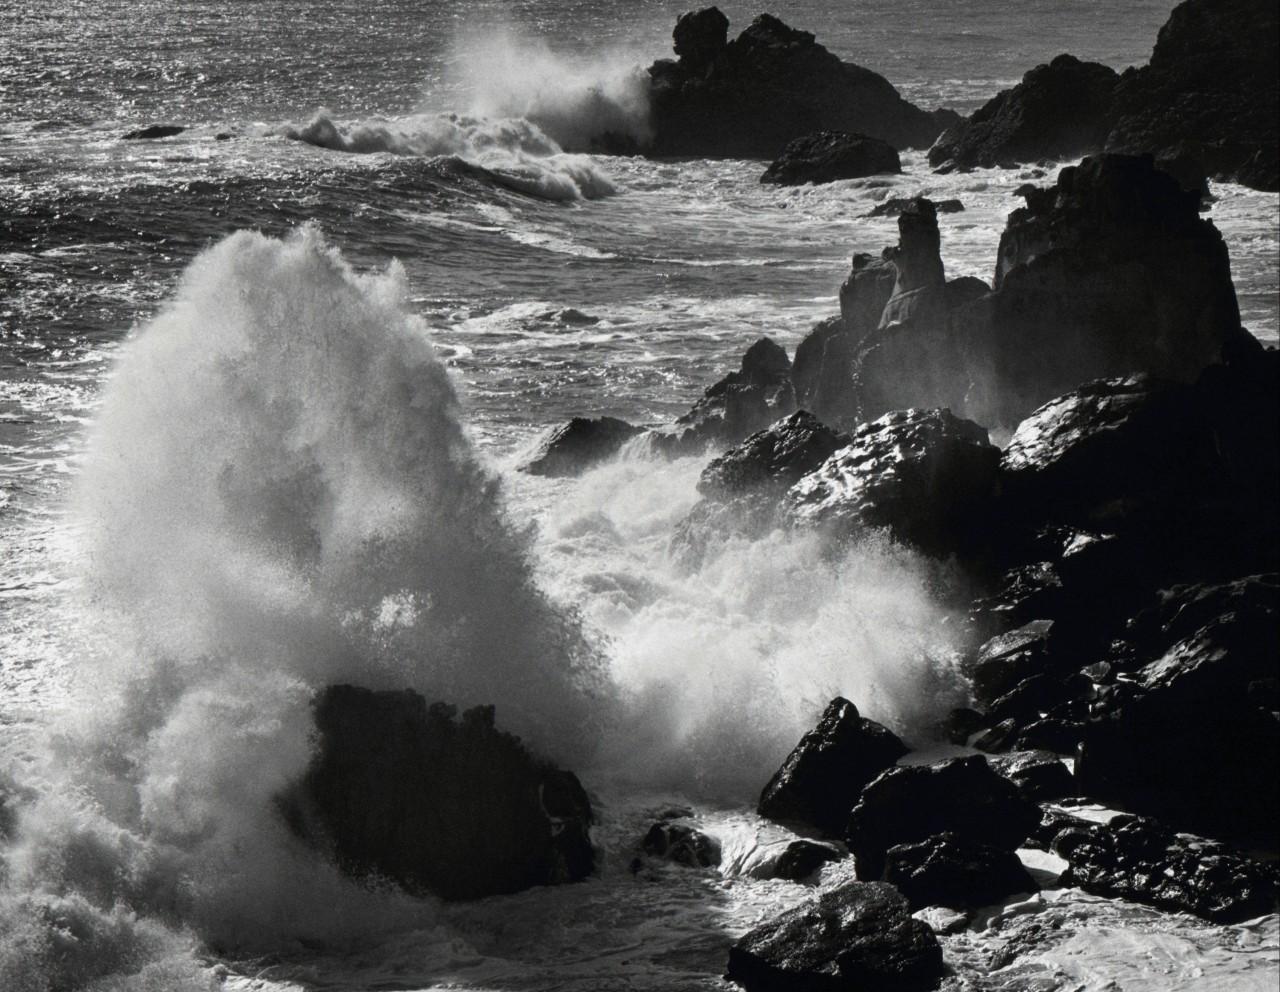 Штормовой прибой, Тимбер-Коув, Калифорния, 1960. Фотограф Энсел Адамс